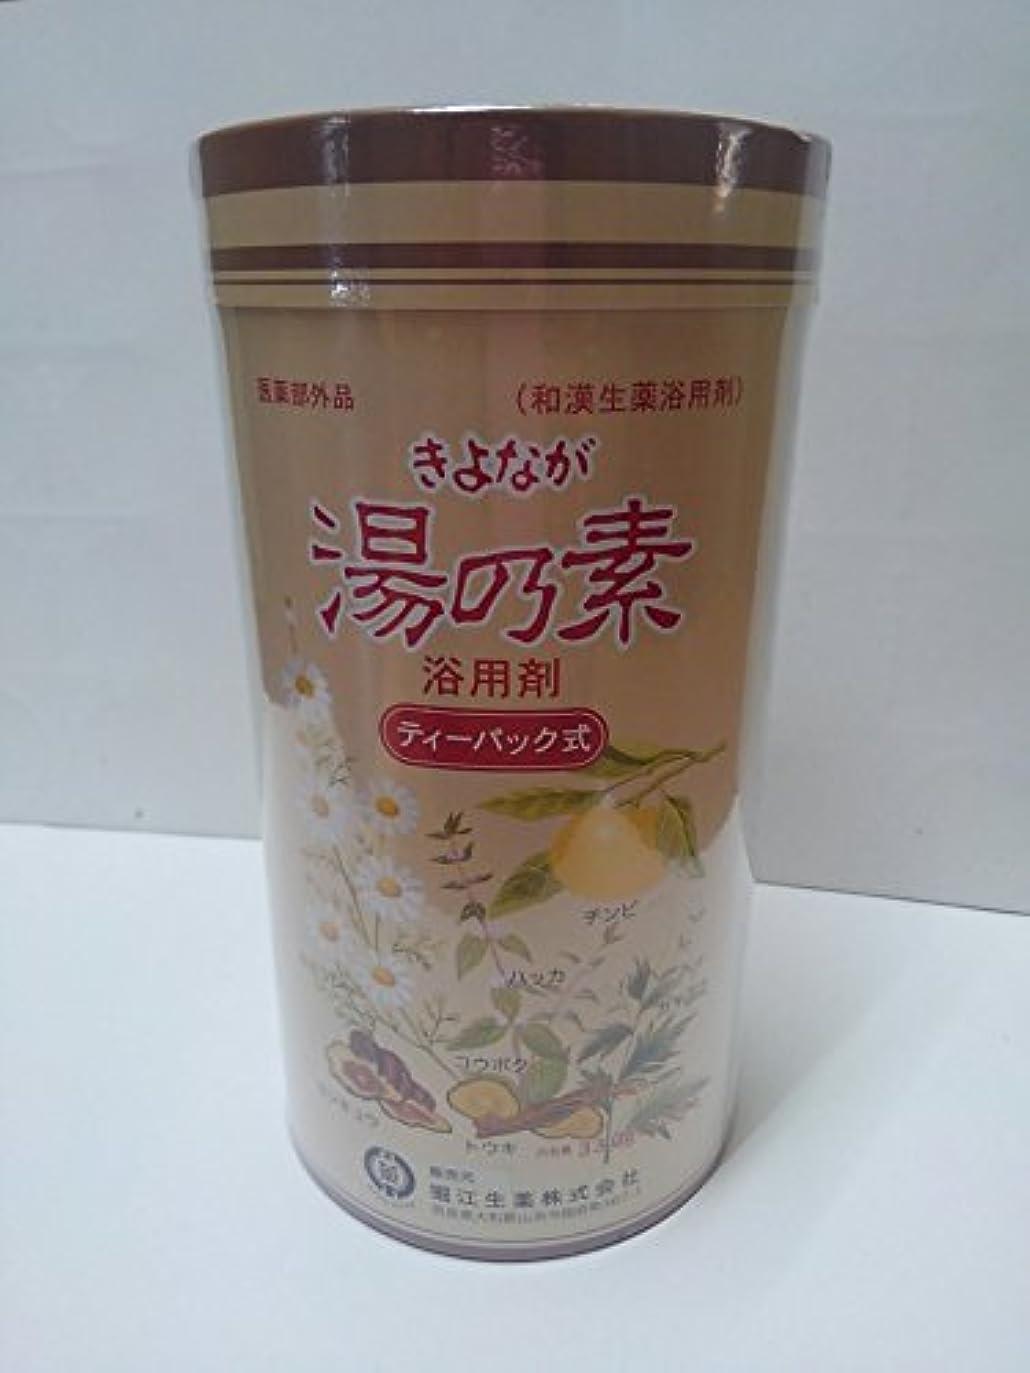 ハウジング命令骨折和漢生薬配合浴用剤 きよなが 「湯の素」 (テ?ーパック式)